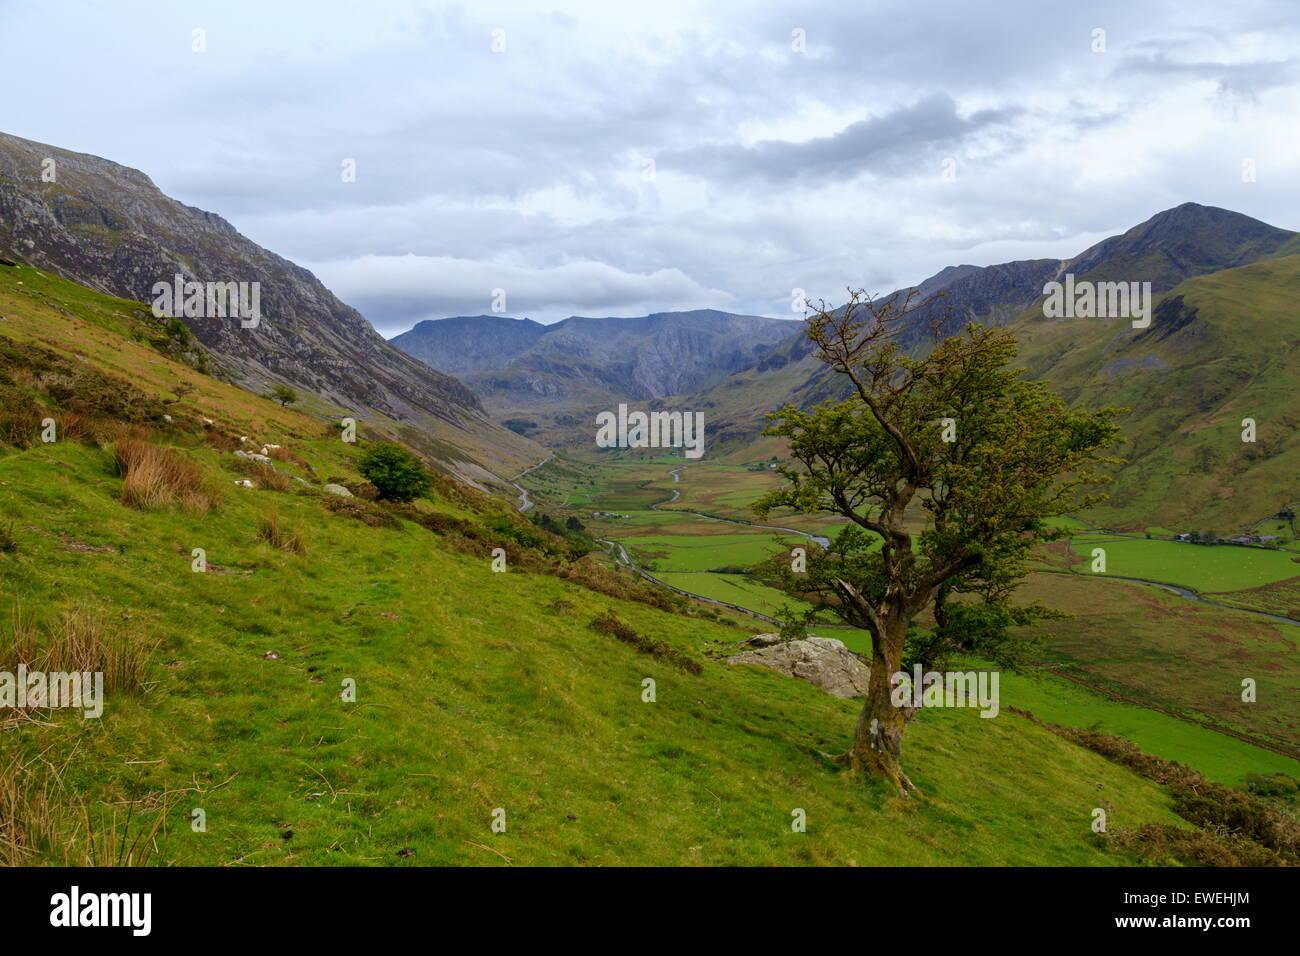 View along Nant Ffrancon - Stock Image